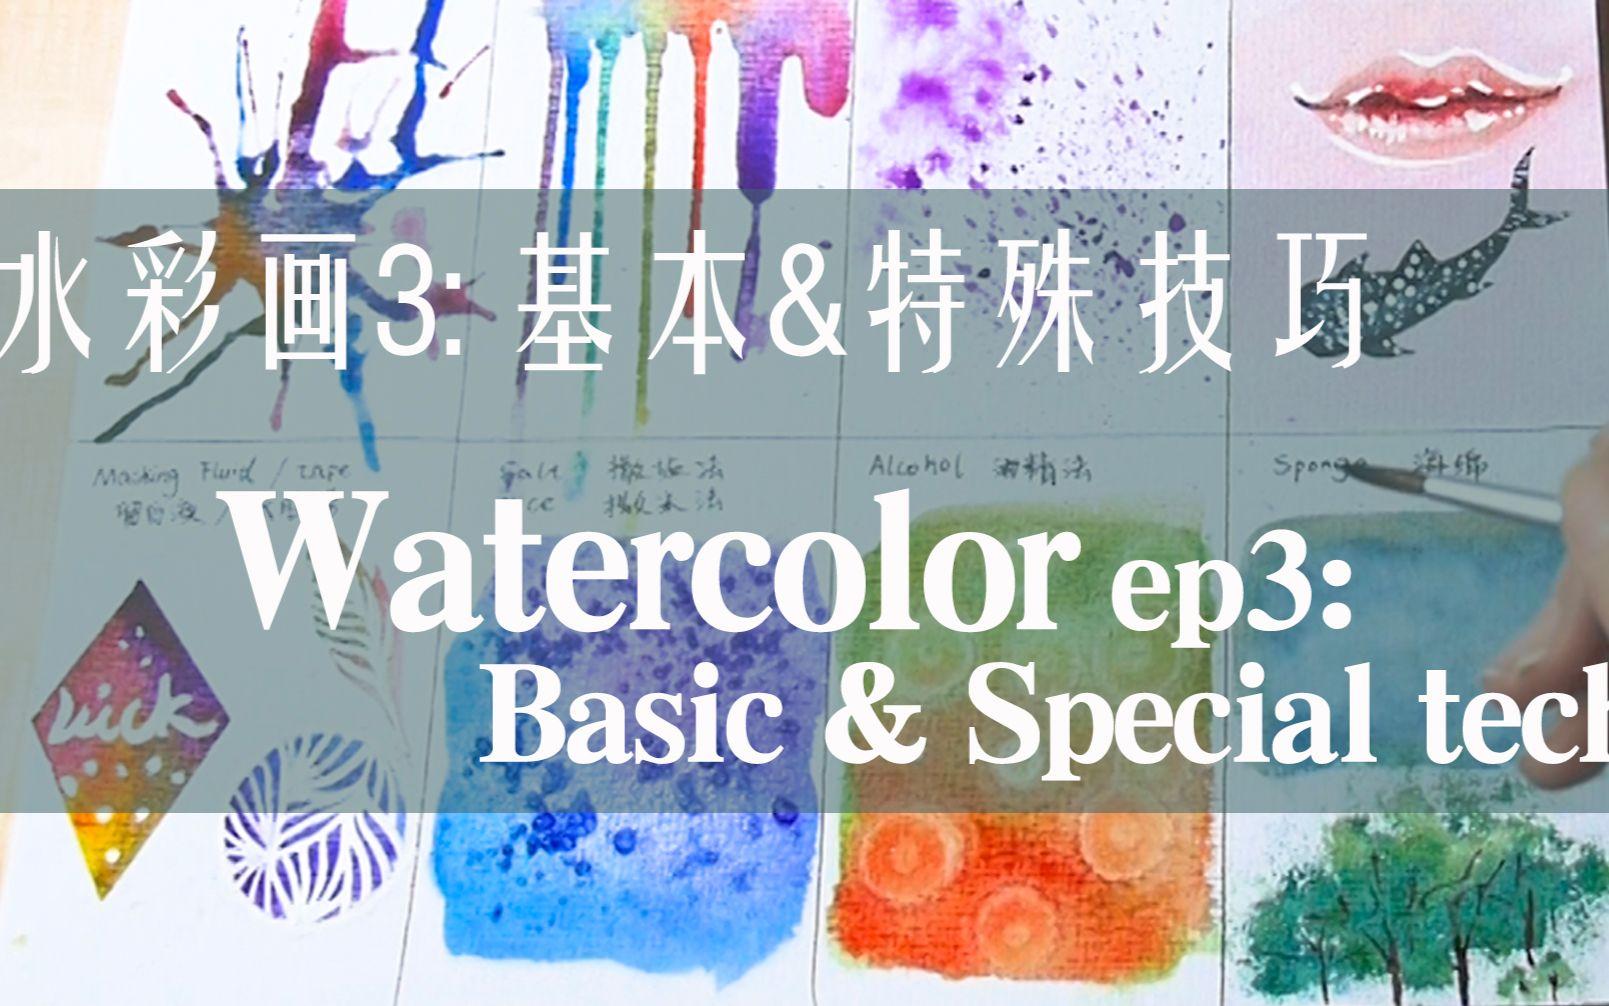 贝大大水彩教程3:九种基本技法,八种特殊技巧